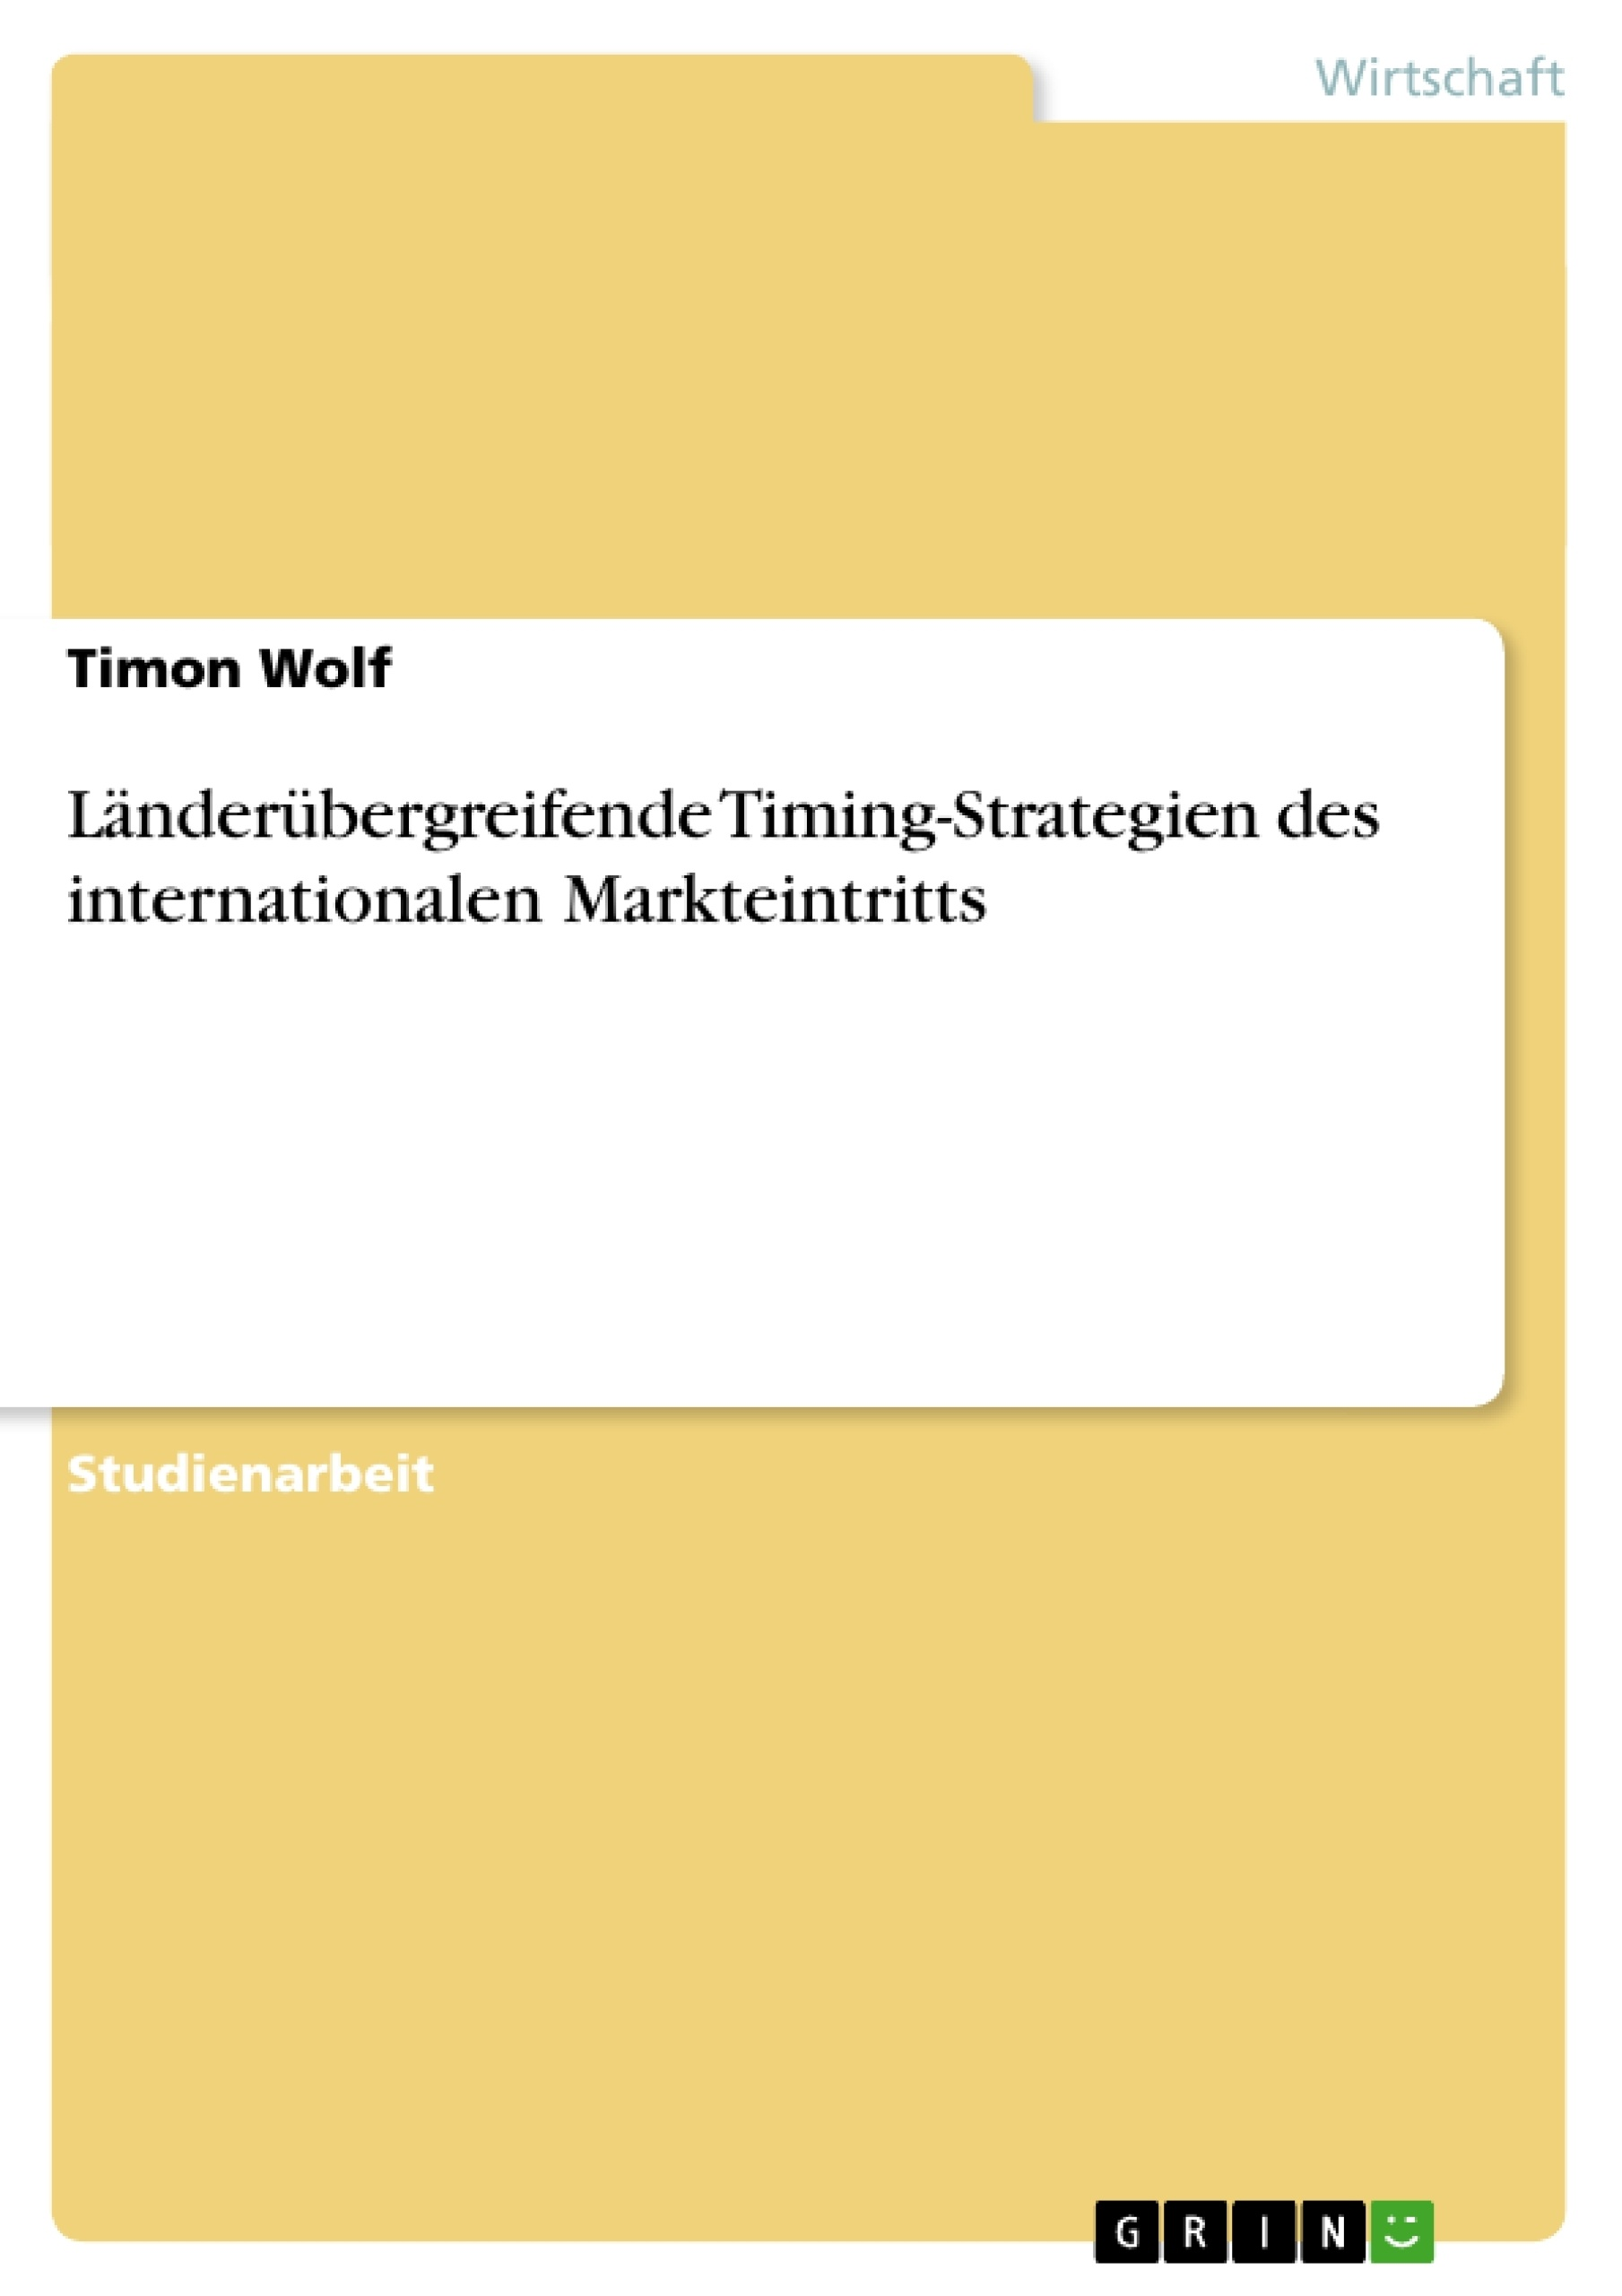 Titel: Länderübergreifende Timing-Strategien des internationalen Markteintritts